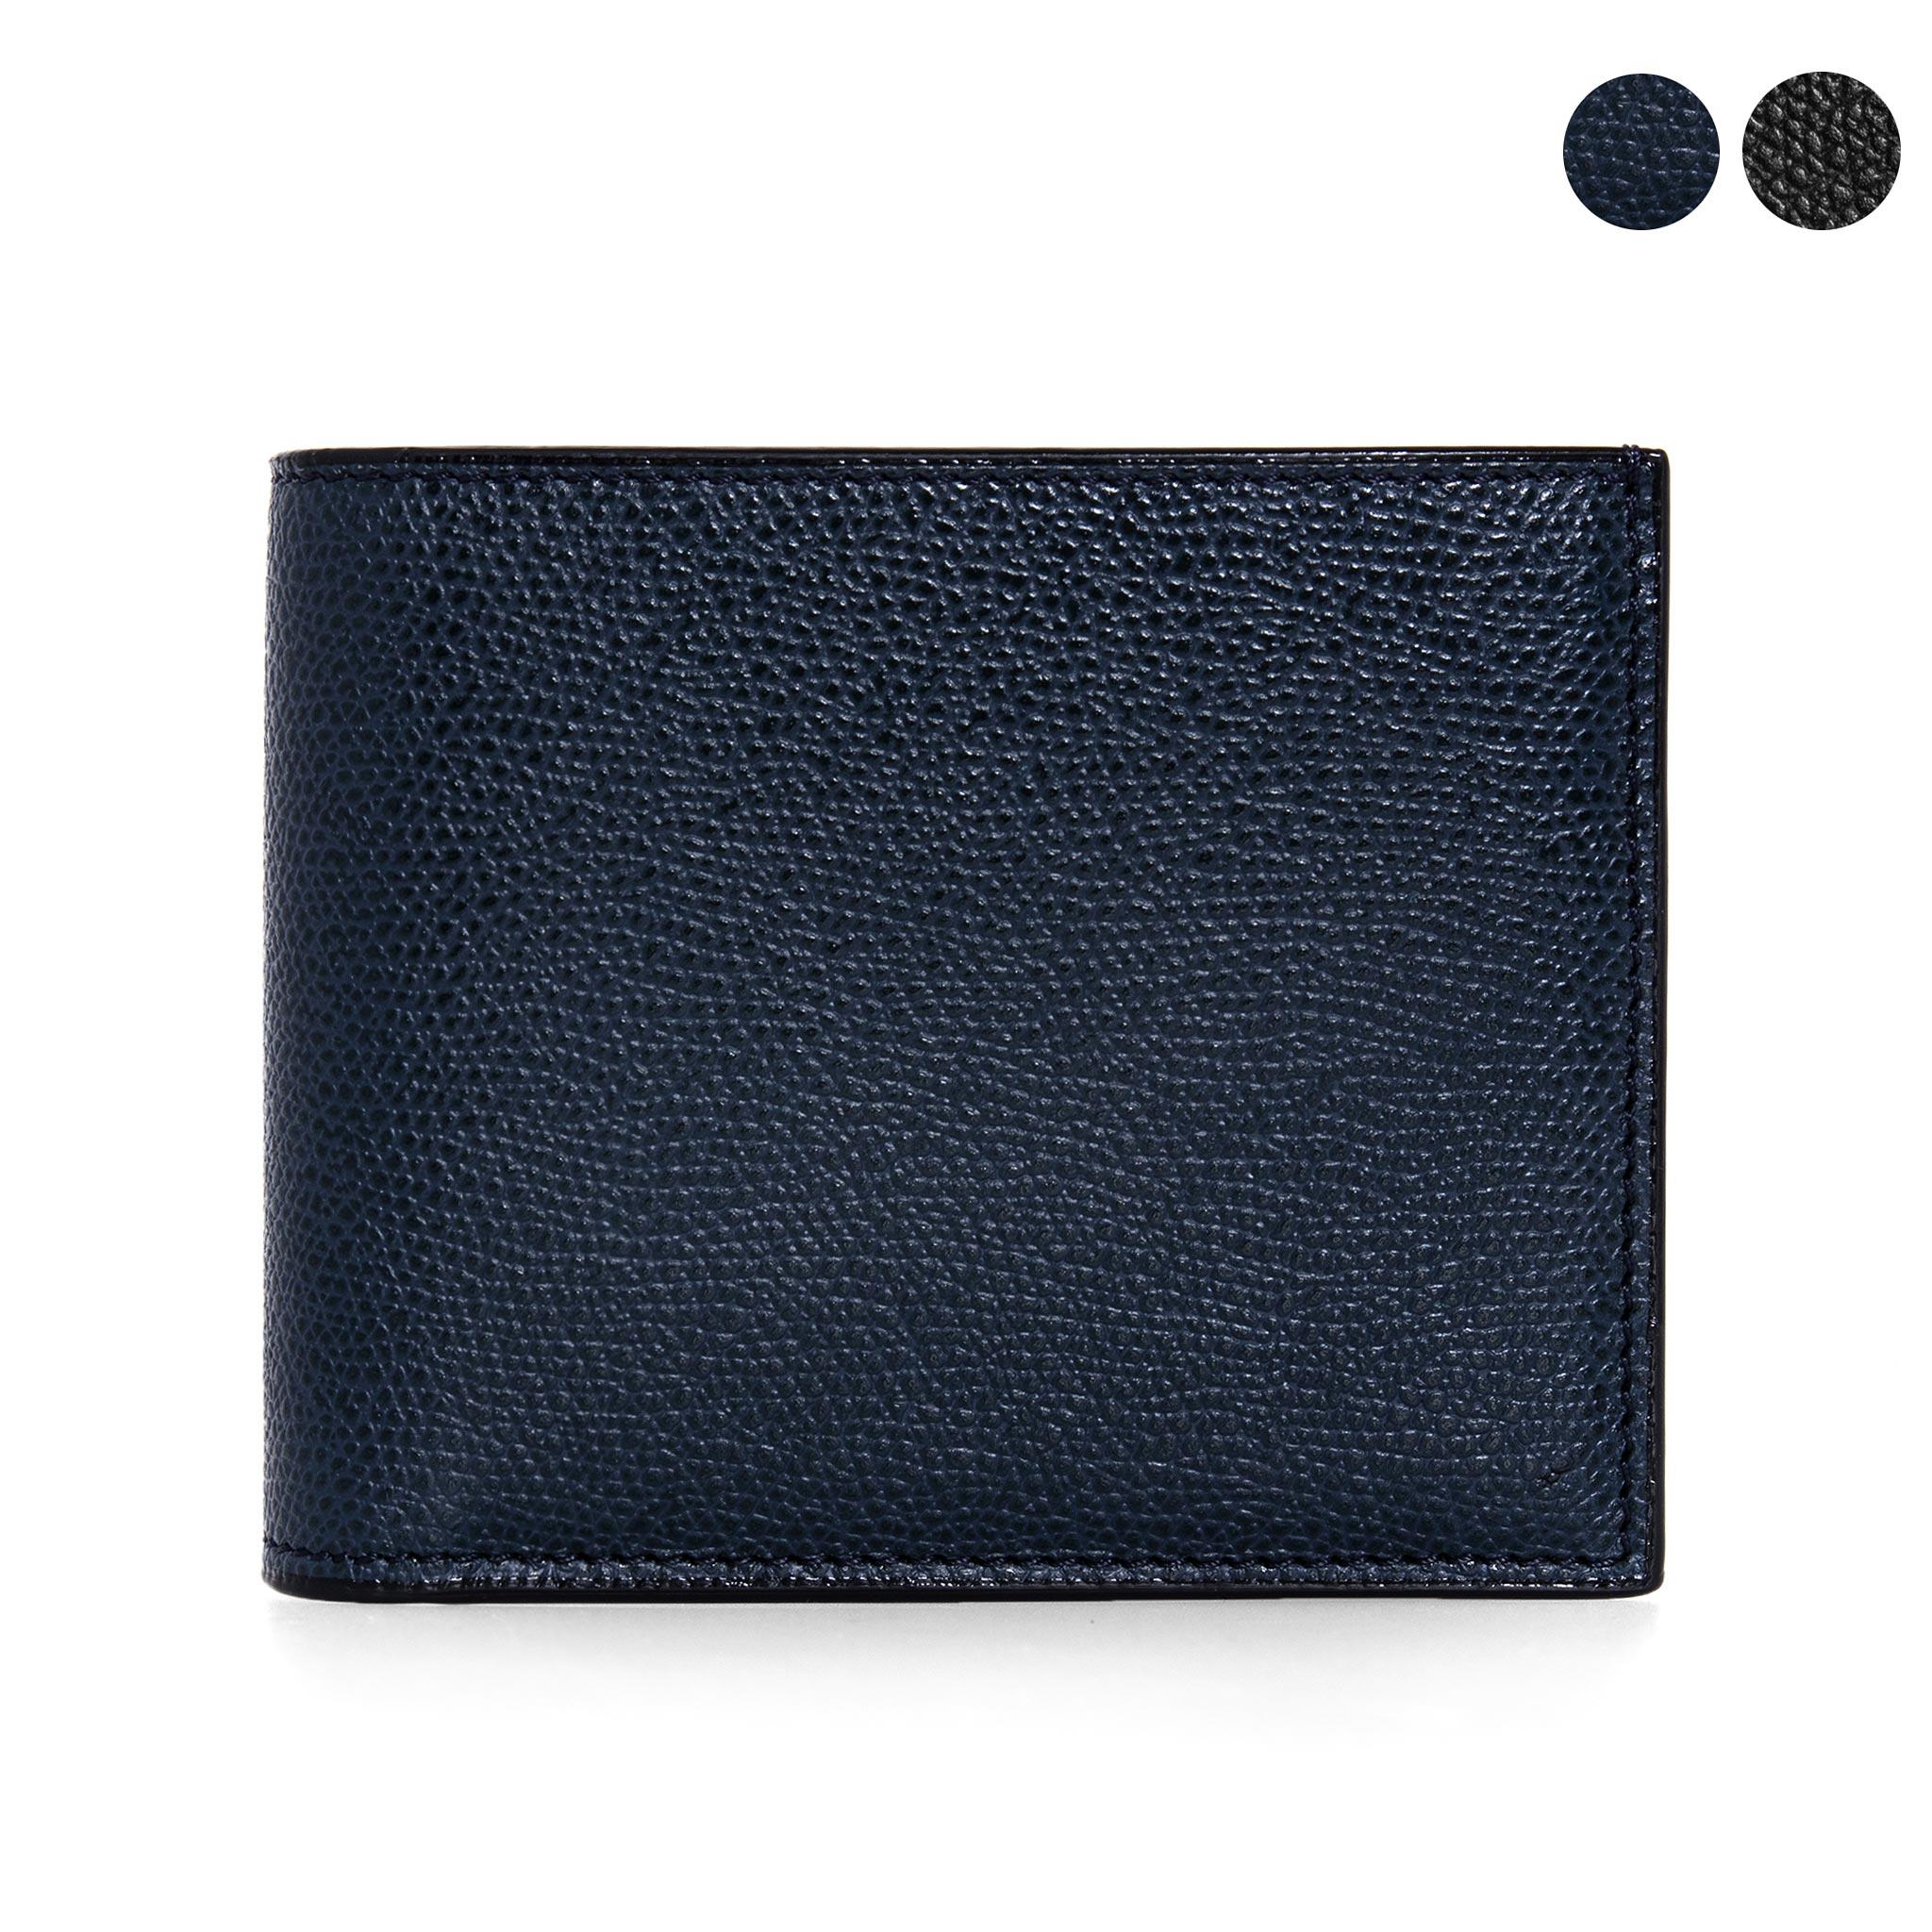 ヴァレクストラ VALEXTRA 財布 メンズ 二つ折り財布 4 CC WALLET WITH COIN PURSE V8L23 028 [全8色]